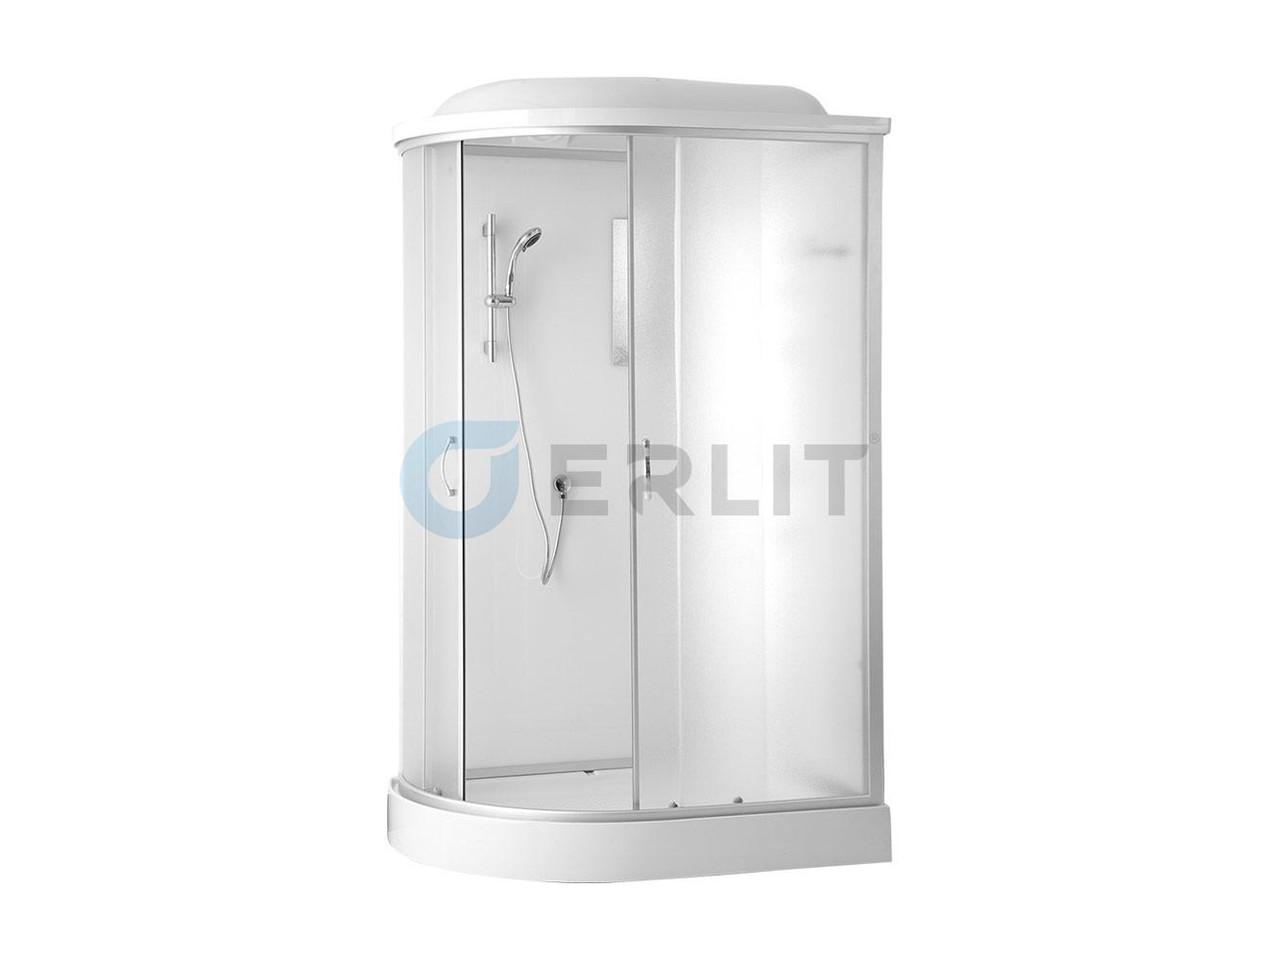 Душевая кабина Erlit  ER4512PR-C3 1200*800*2150 низкий поддон, светлое стекло, правосторонняя